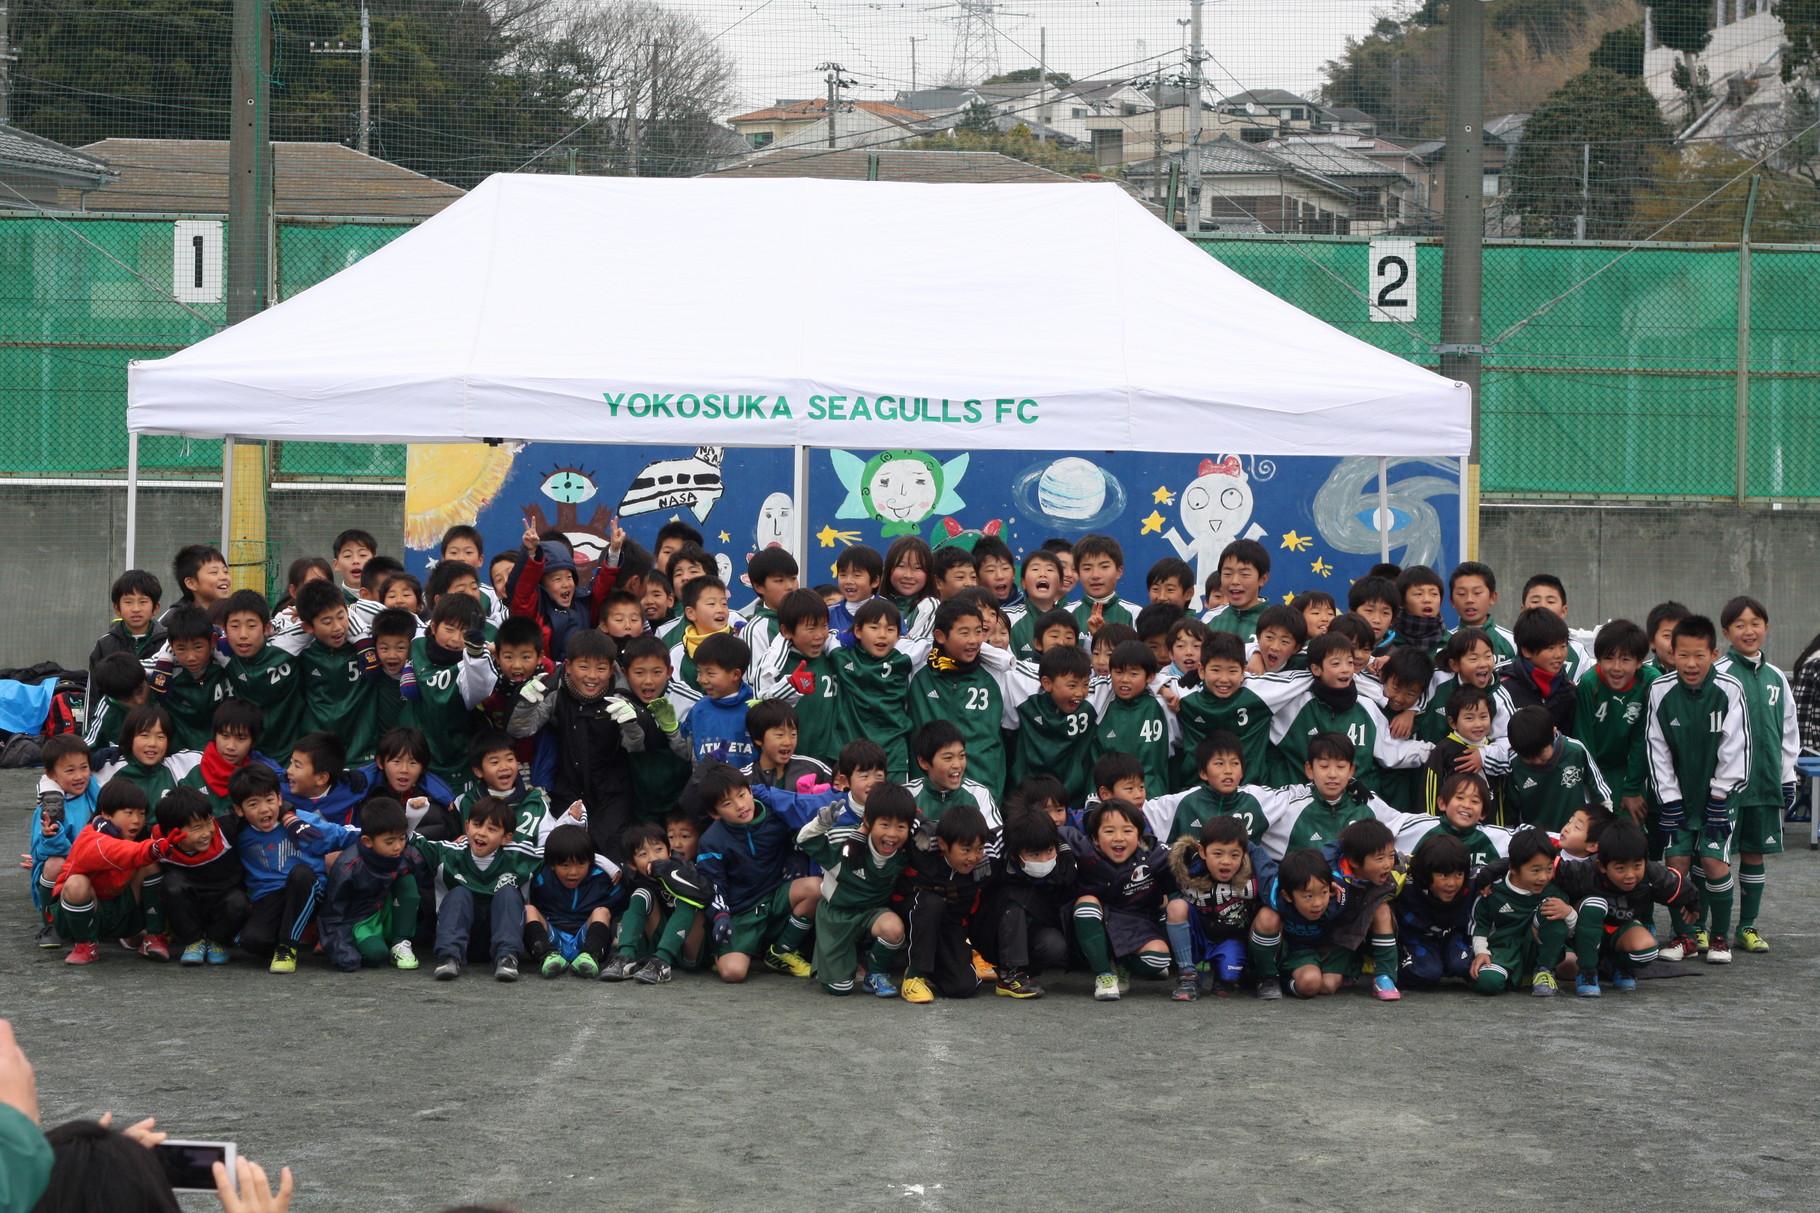 第38回 卒団式(6年生を送る会)